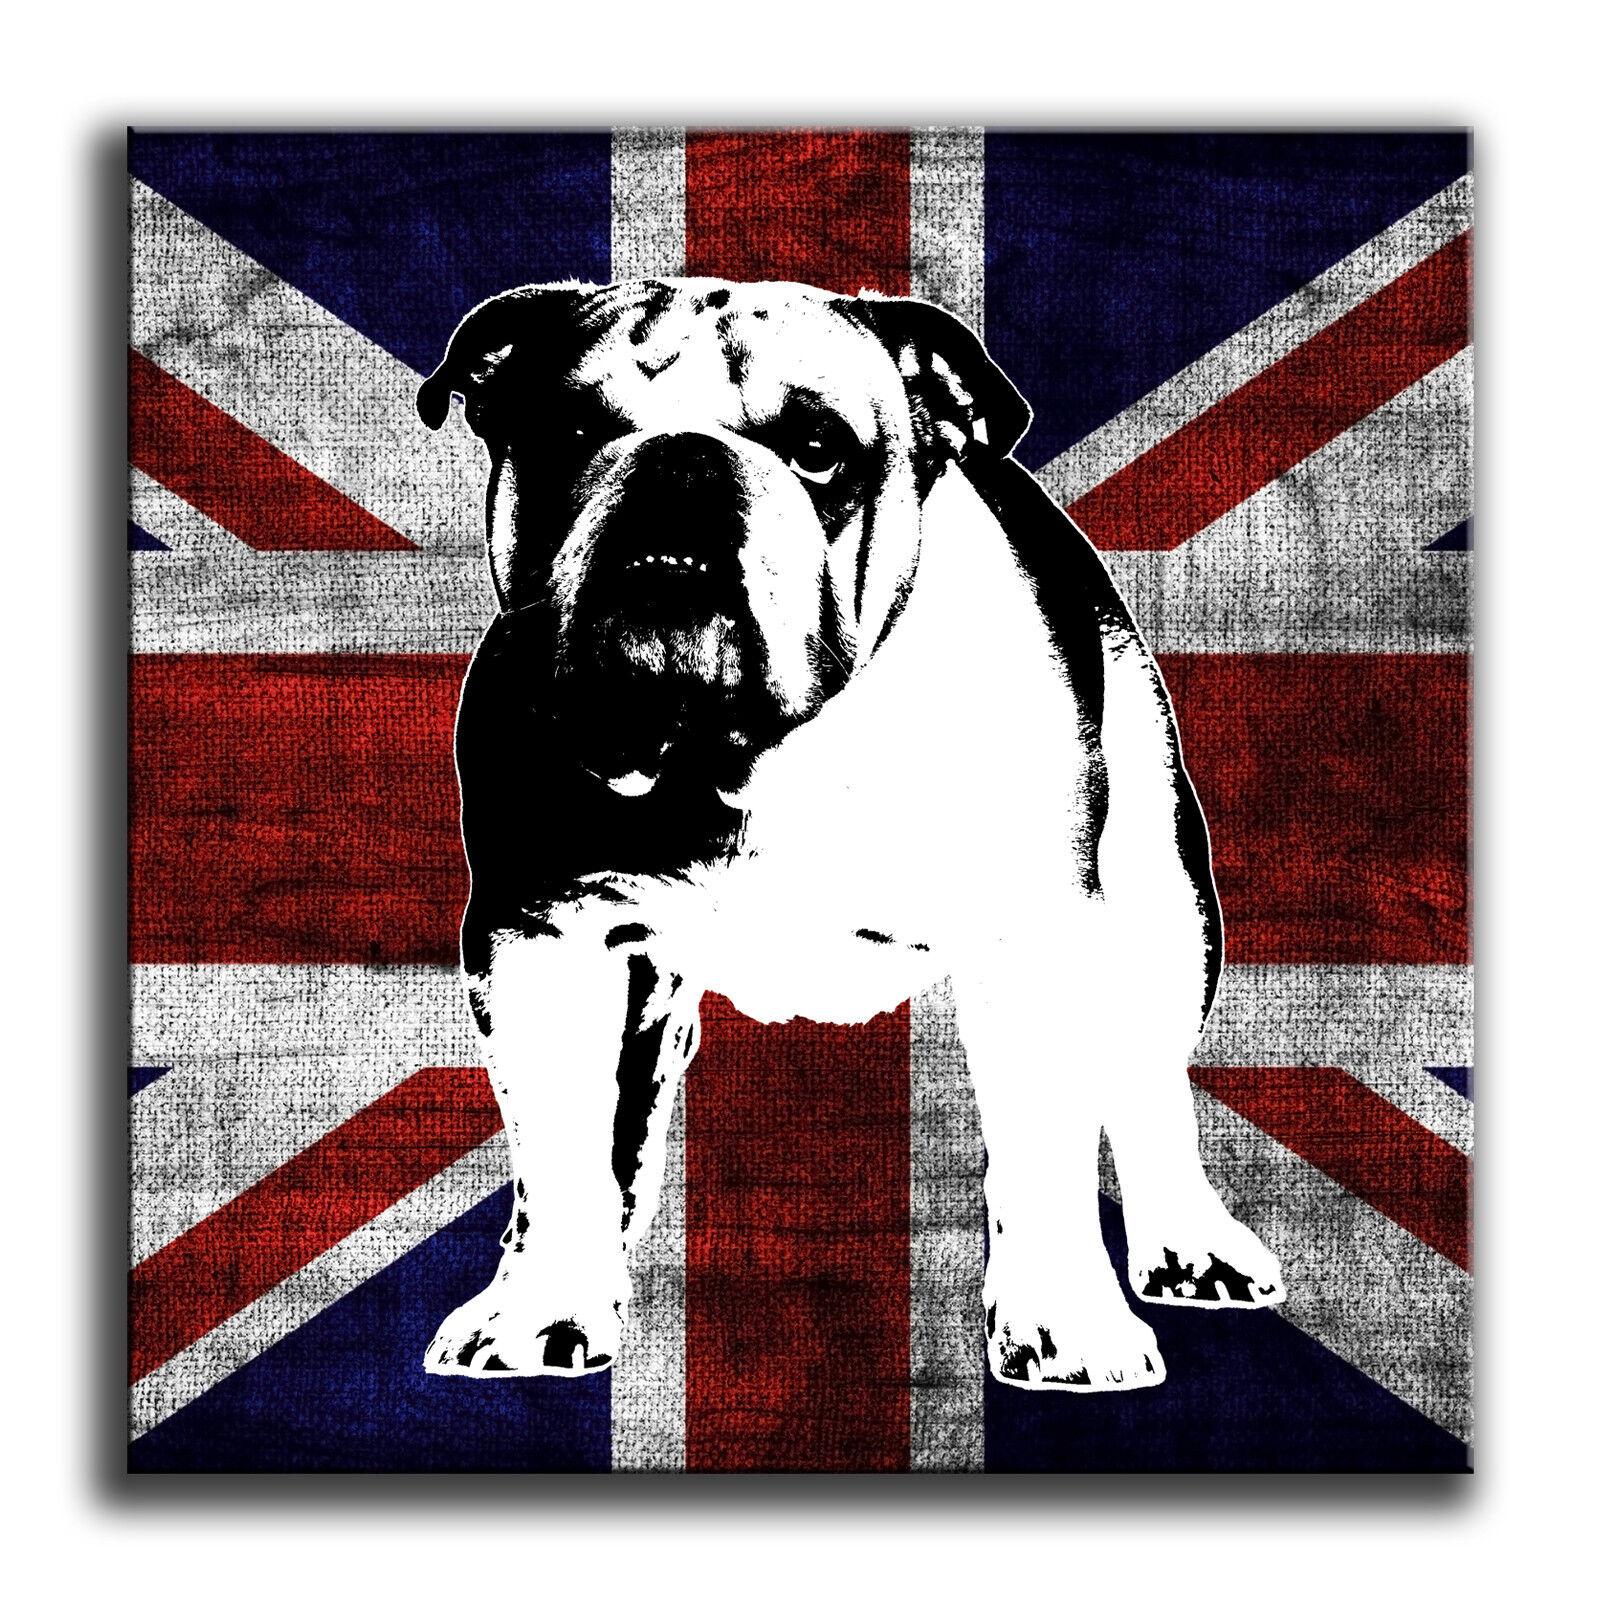 Union jack britannique bulldog canvas wall art print encadrée boîte encadrée print imprimer 96c1a5